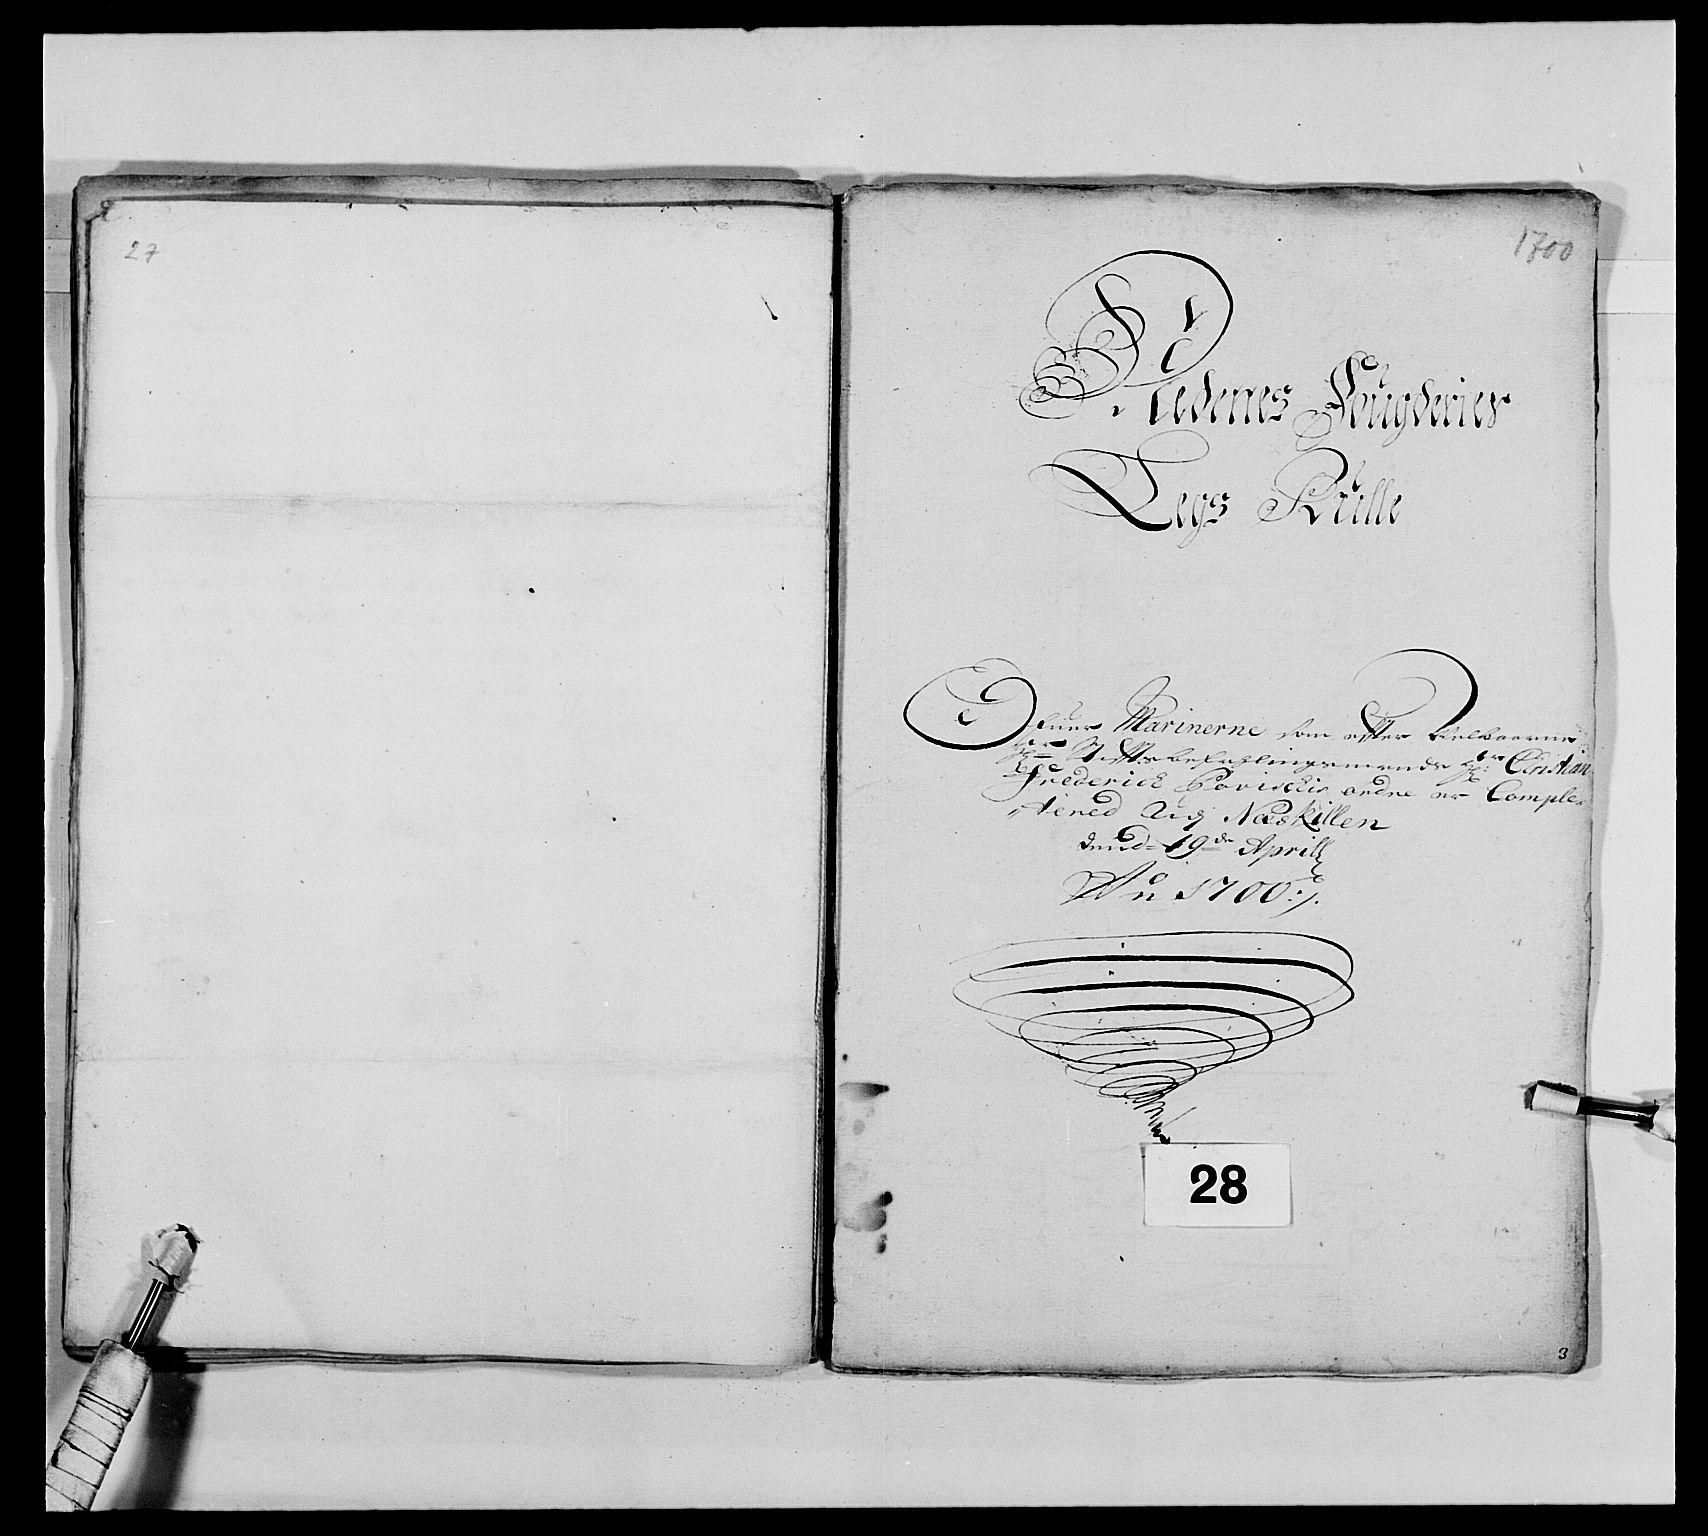 RA, Kommanderende general (KG I) med Det norske krigsdirektorium, E/Ea/L0473: Marineregimentet, 1664-1700, s. 301